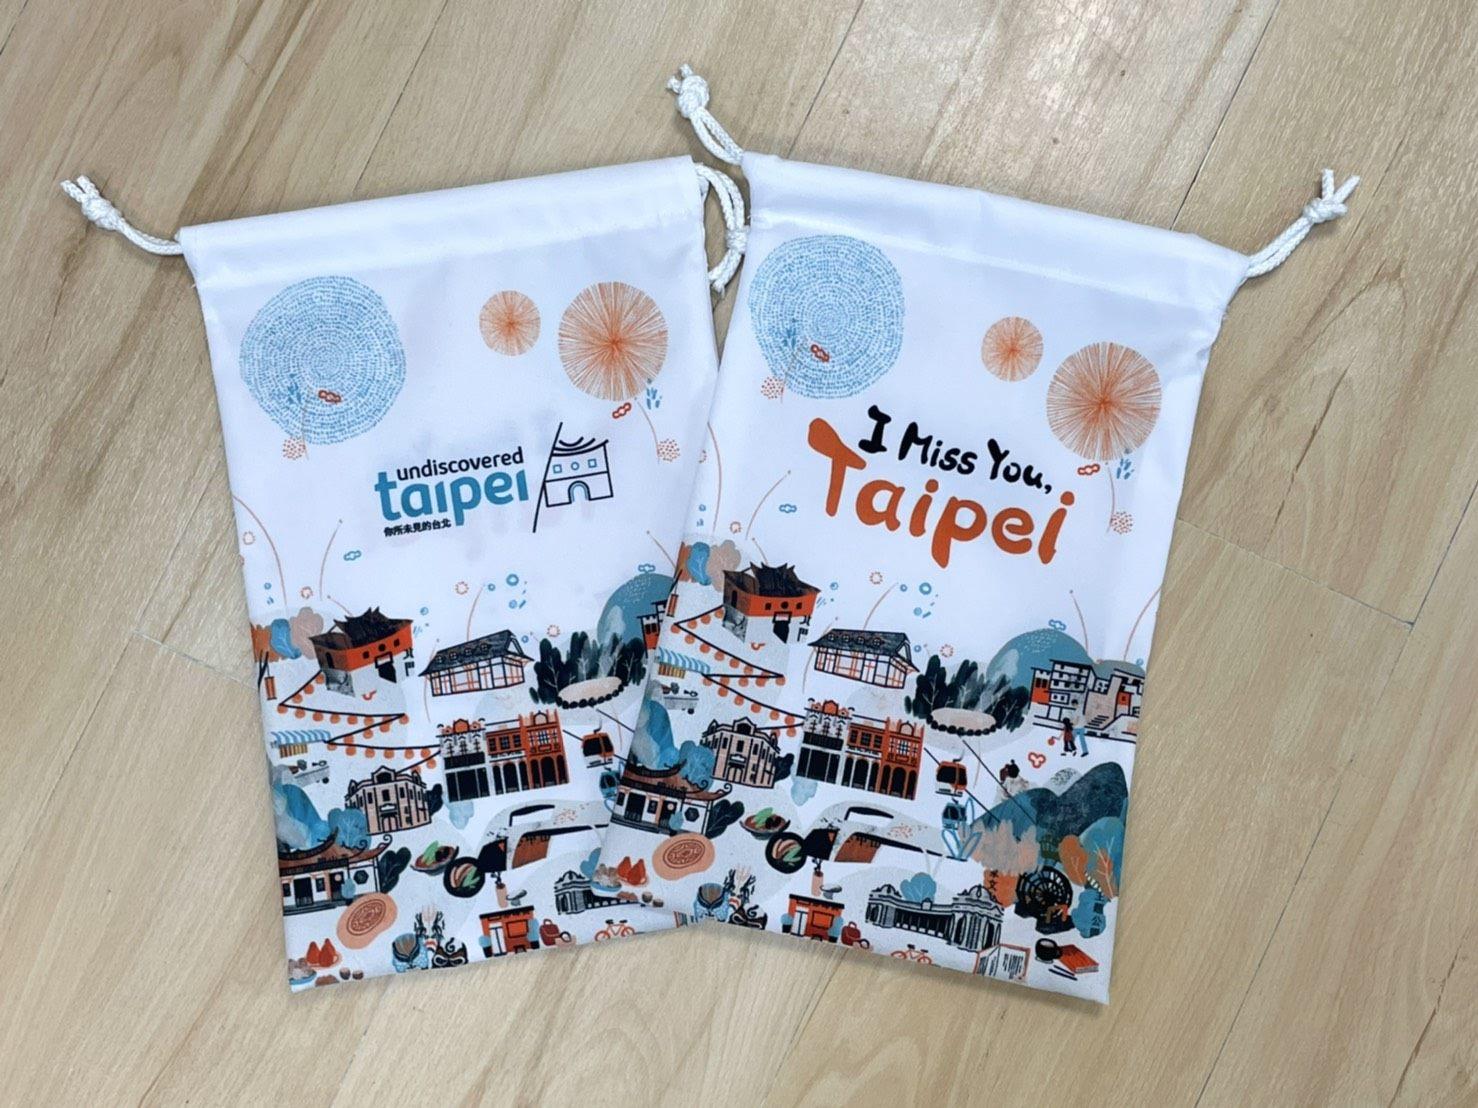 加值贈送特製臺北款束口袋,集合臺北旅遊景點,具收藏價值